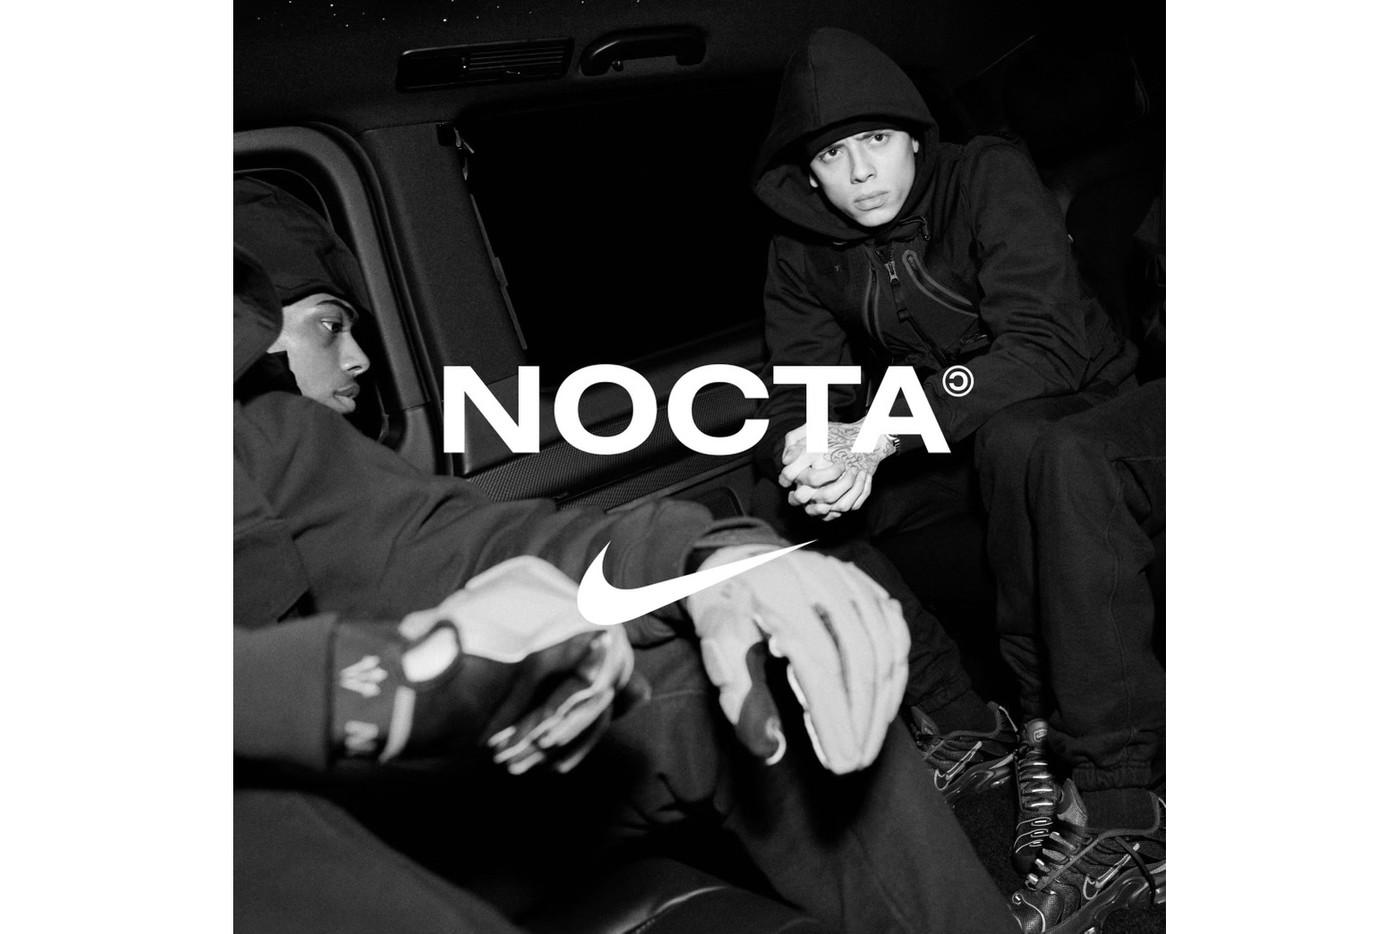 Дрейк и Nike показали лукбук второго дропа совместной линии NOCTA (фото 1)